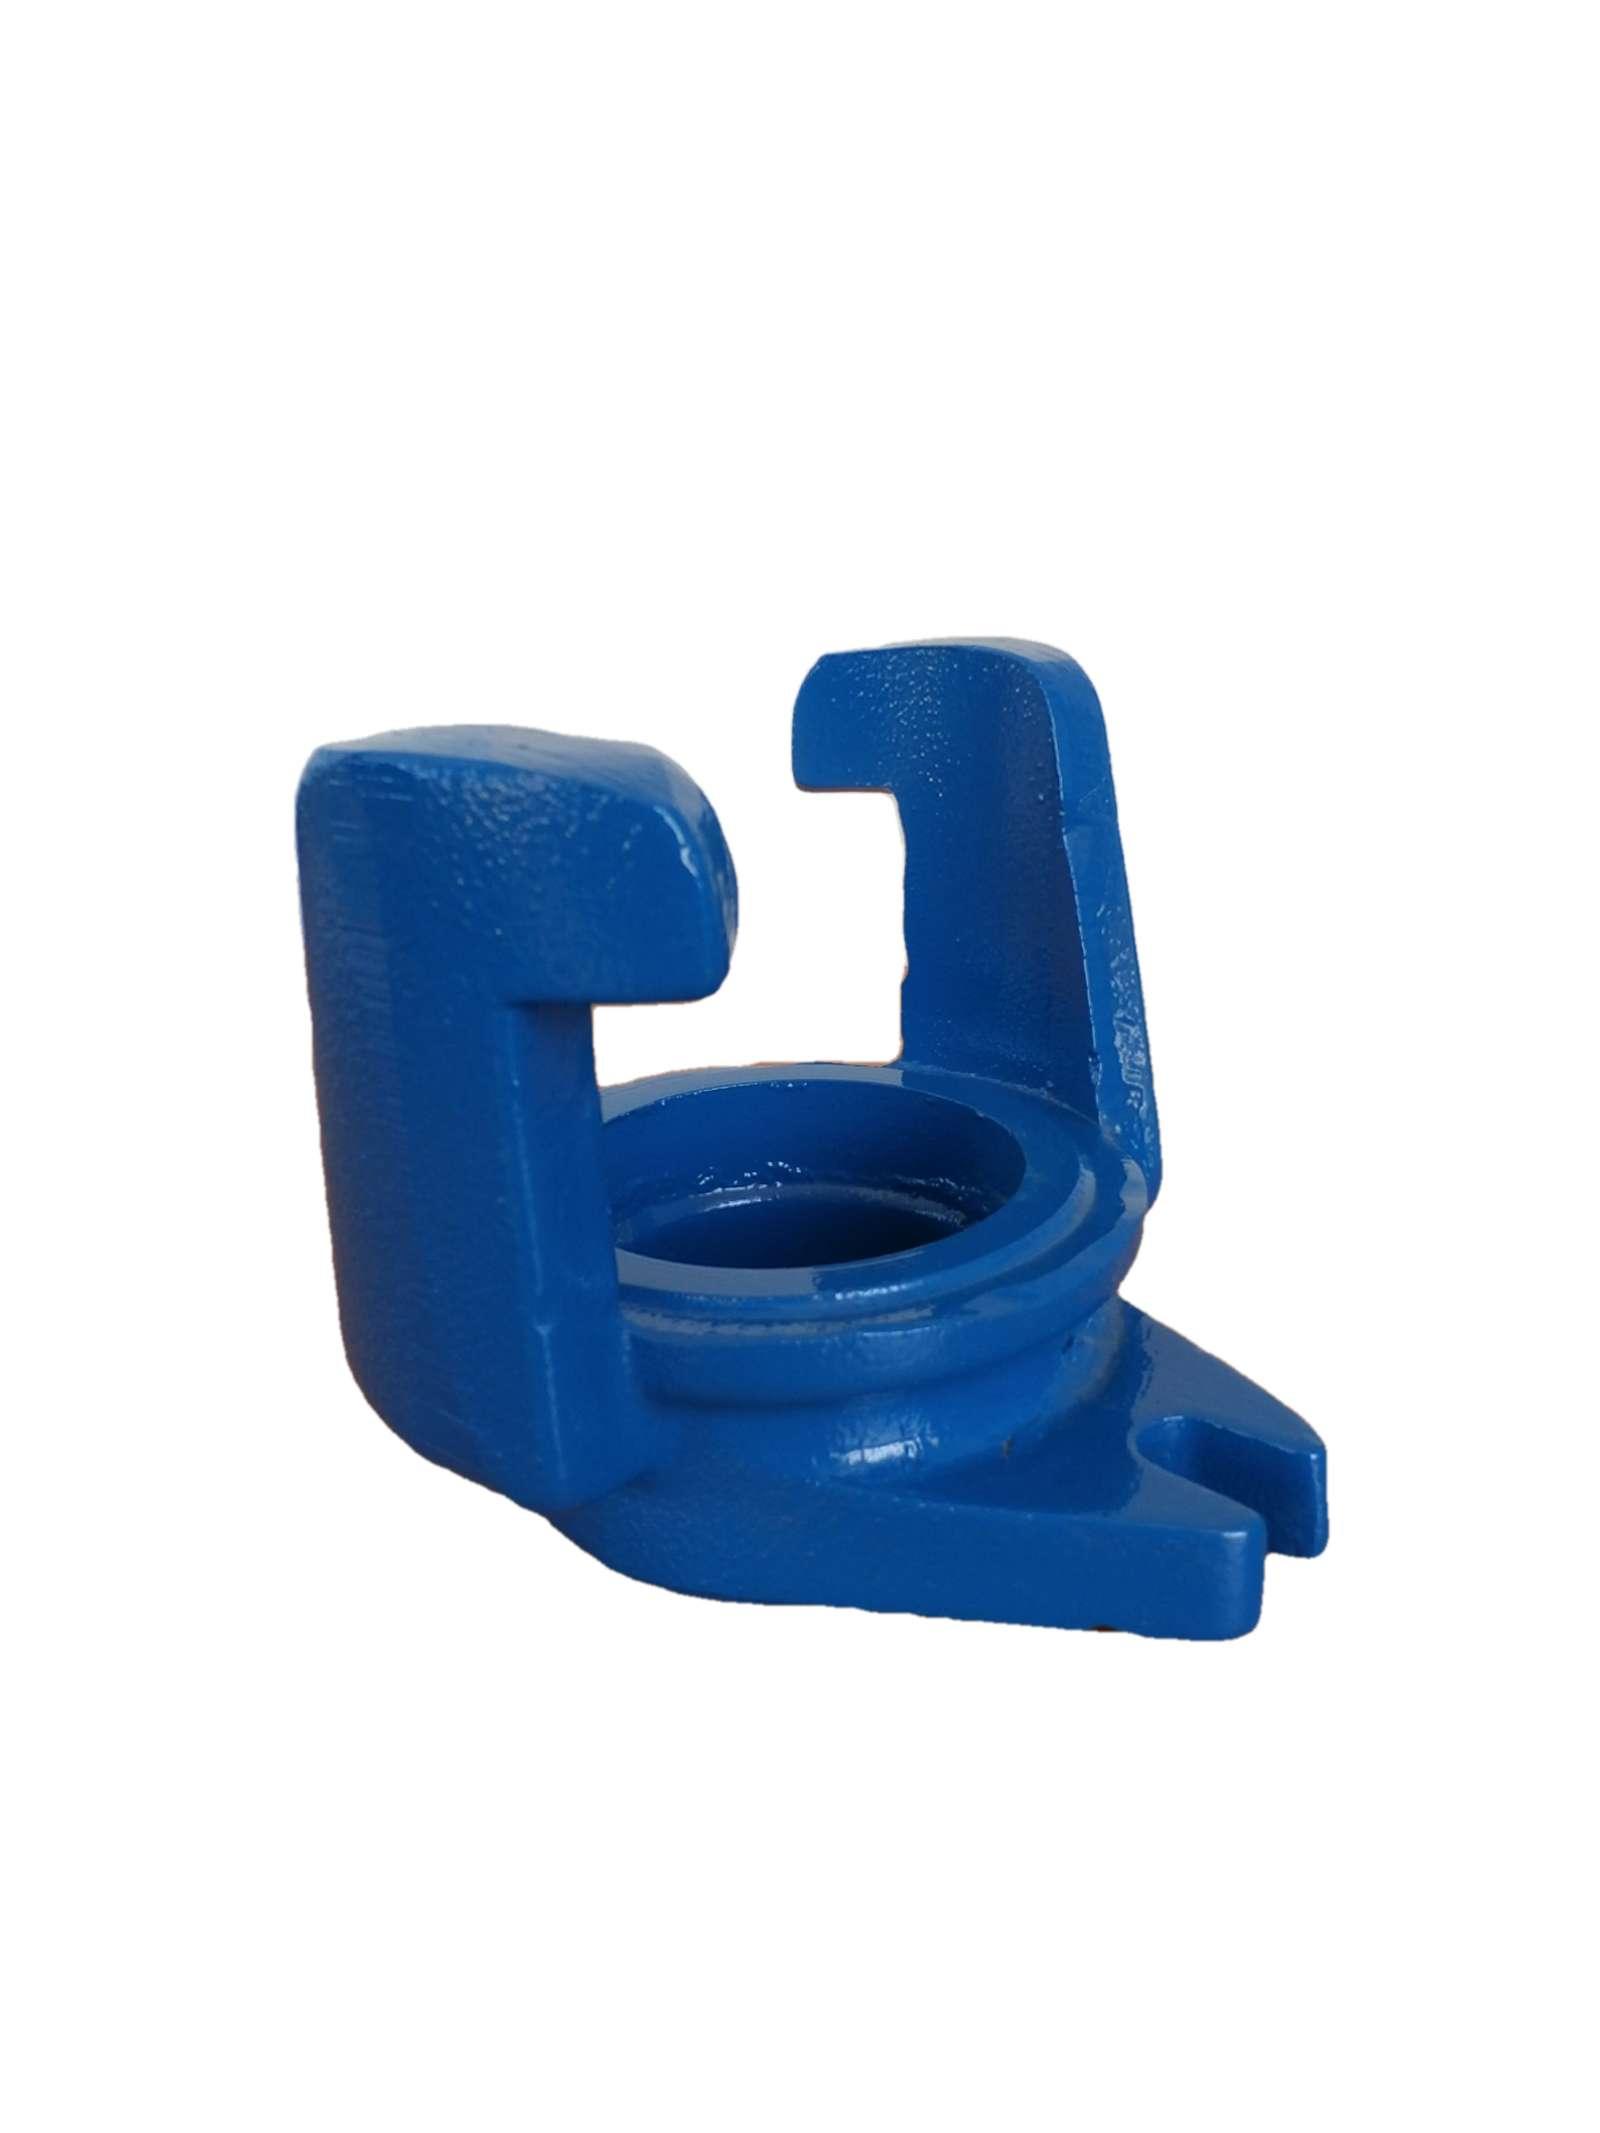 příslušenství k hydrantům